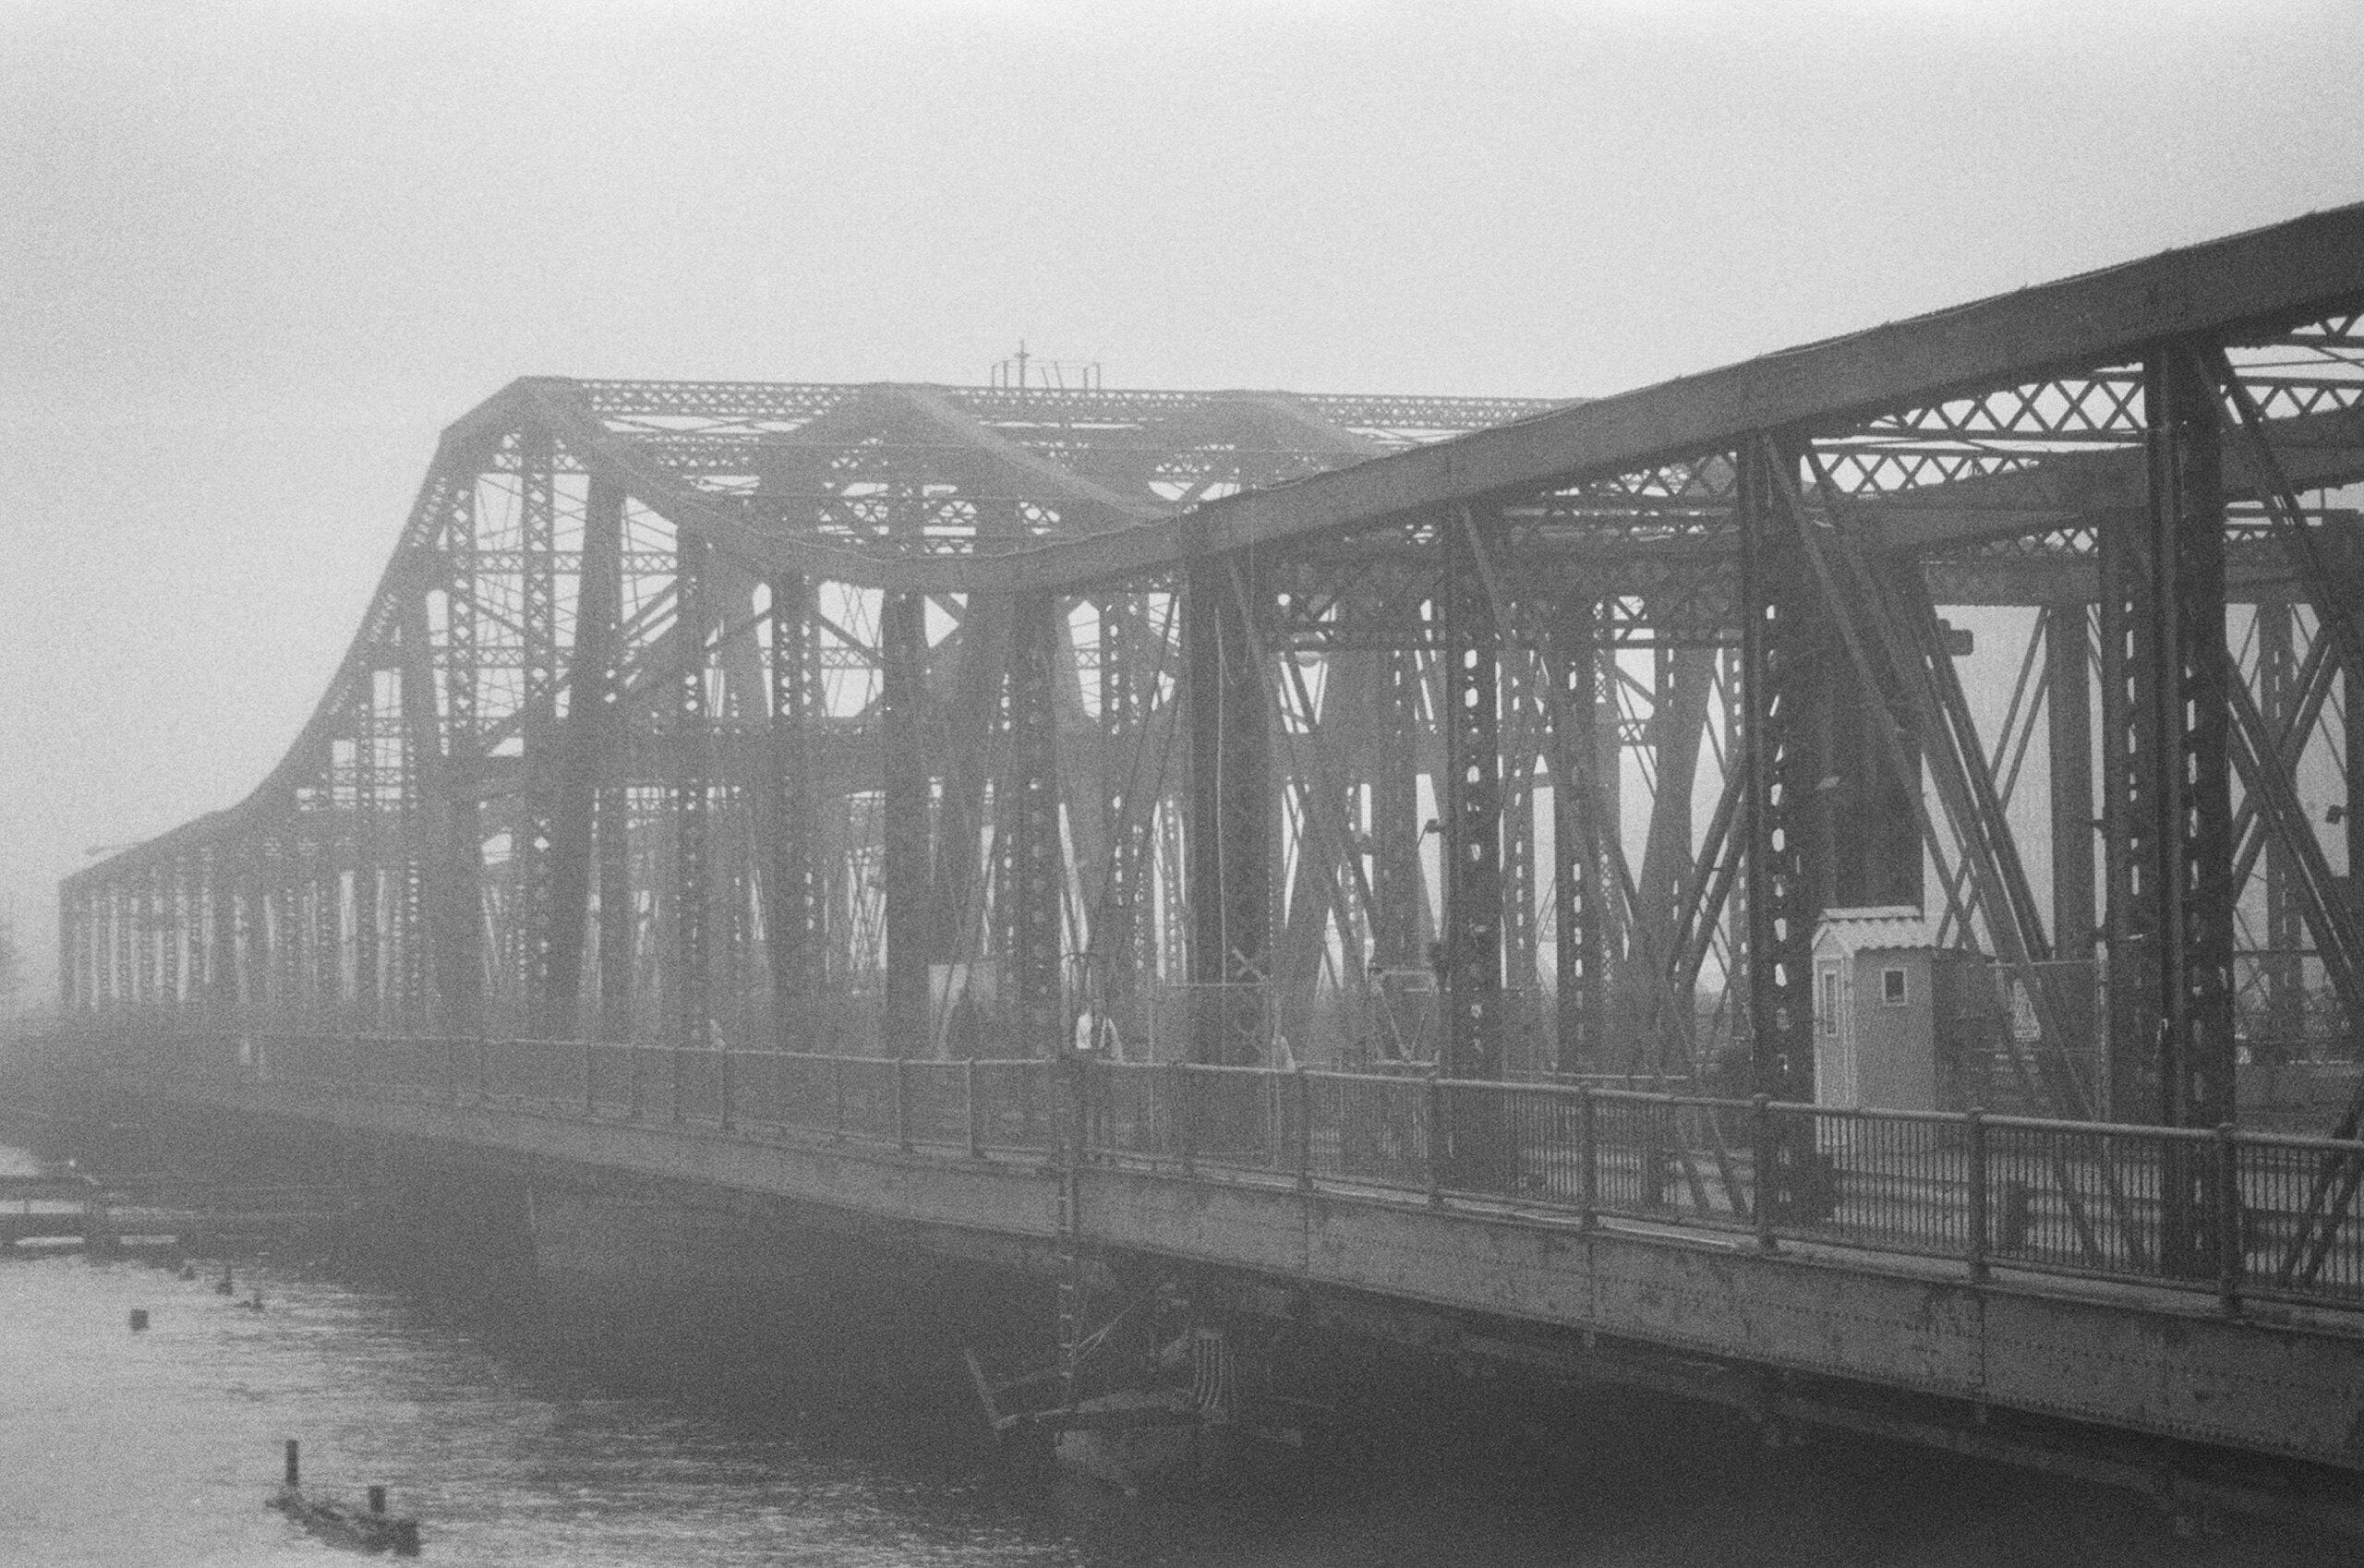 Charlestown High Bridge, Massachusetts, Boston, USA